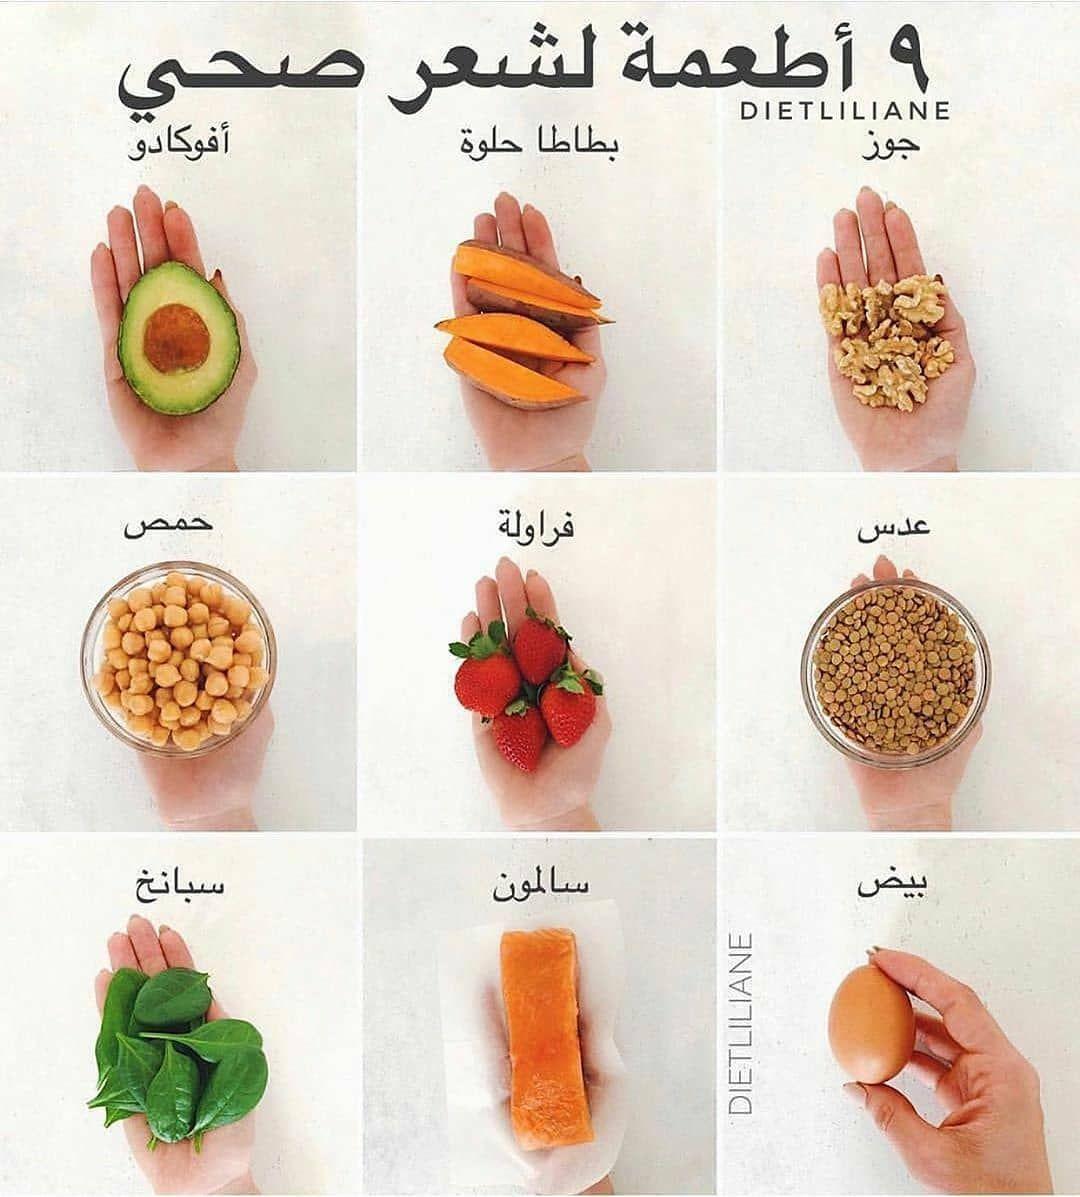 اذا عجبك الموضوع اثبت وجودك بإعجاب شارك الموضوع مع صديق للاستفادة للمزيد تابعن Helthy Food Health Routine Nutrition Tips